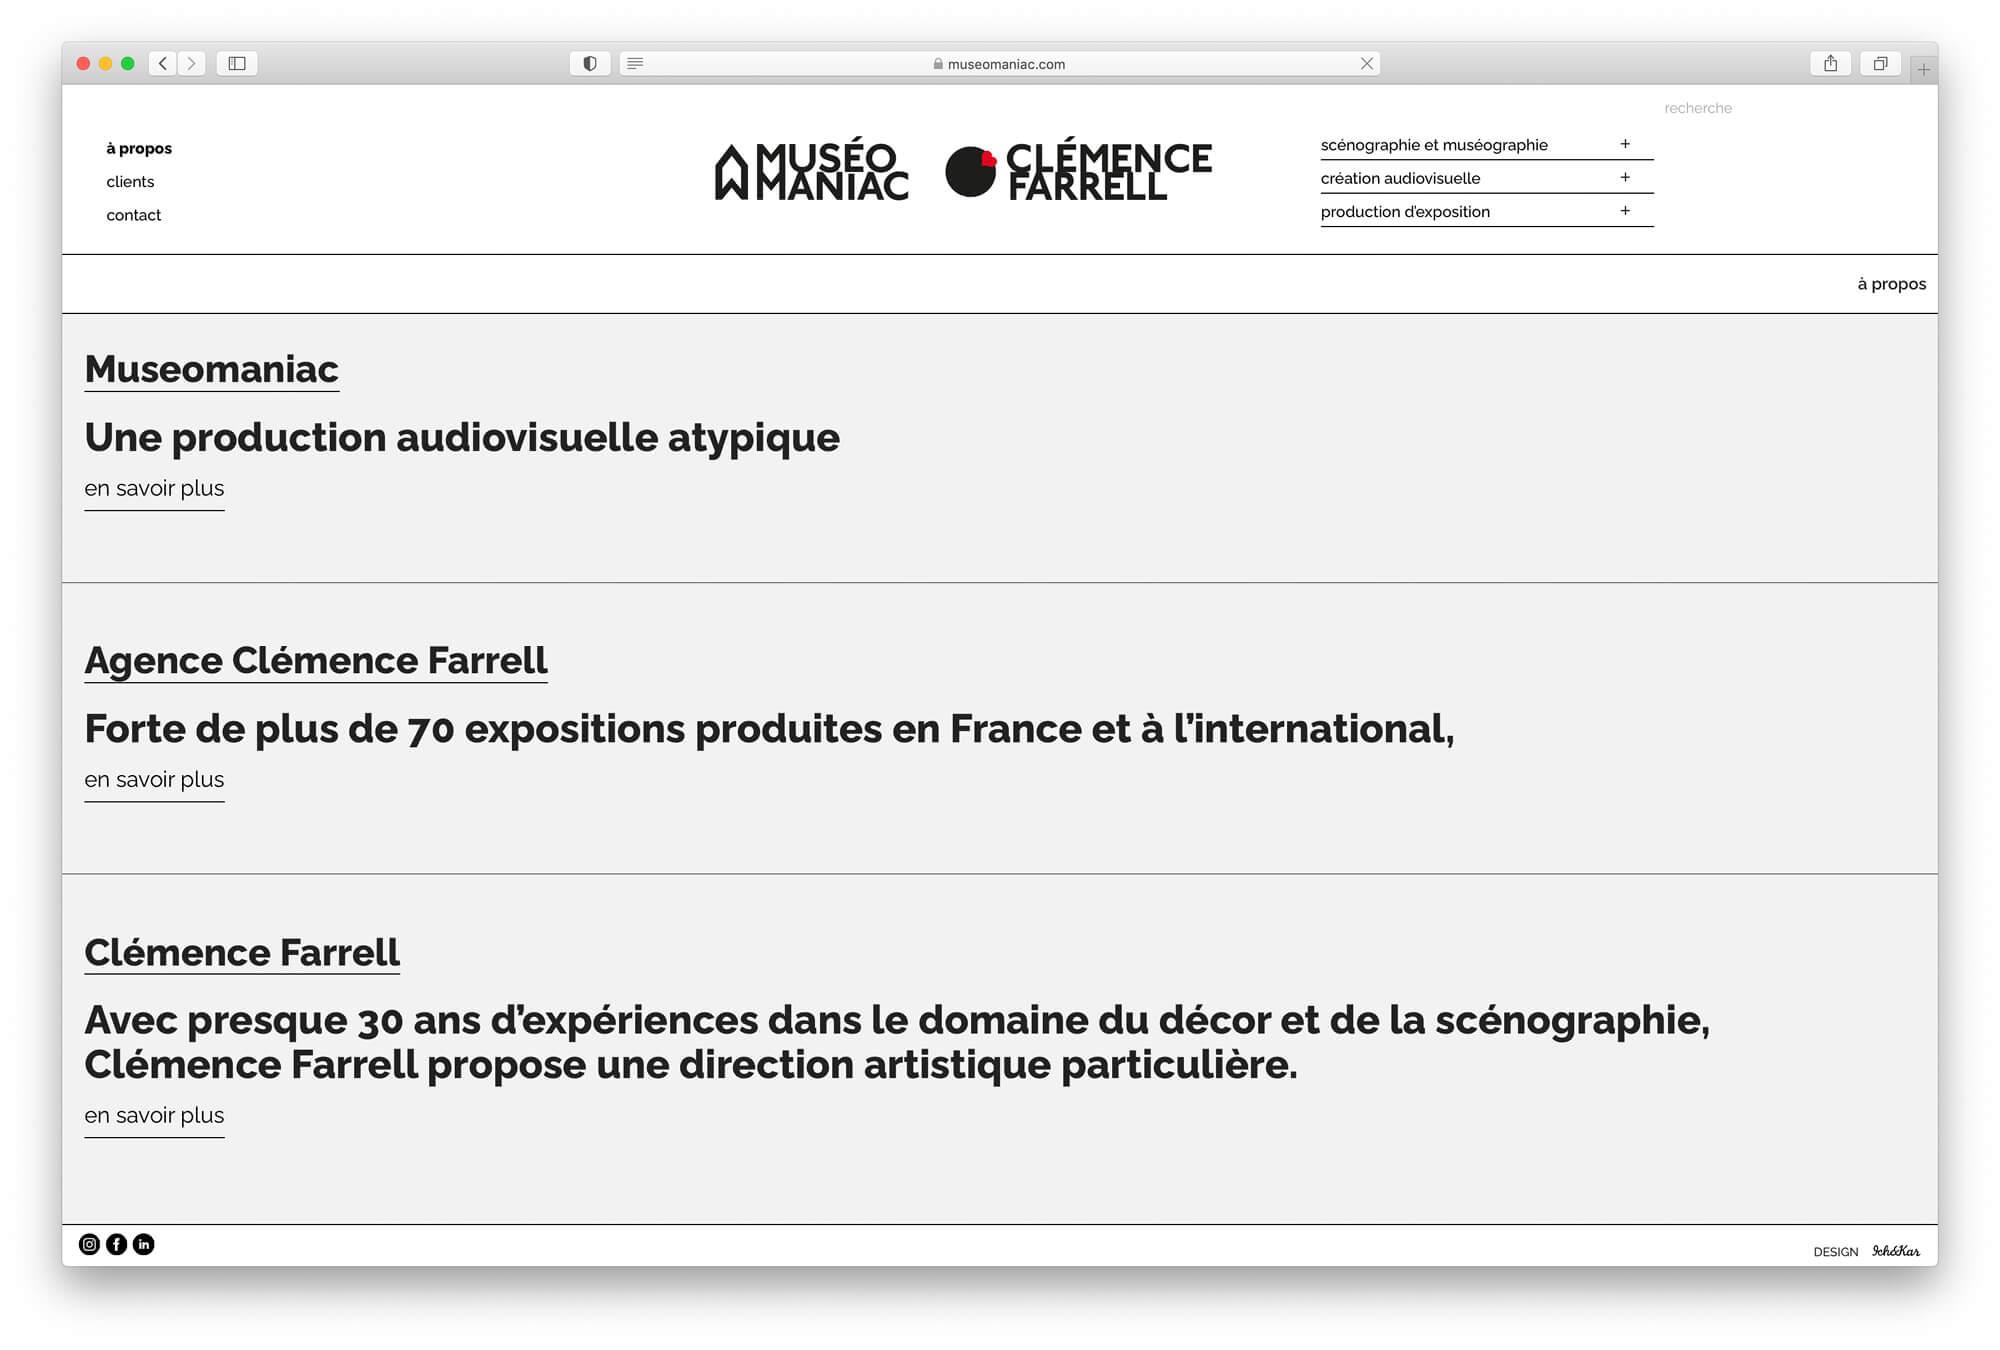 La page à propos du site muséomaniac.com qui presente l'agence et la biographie de clémence farrell